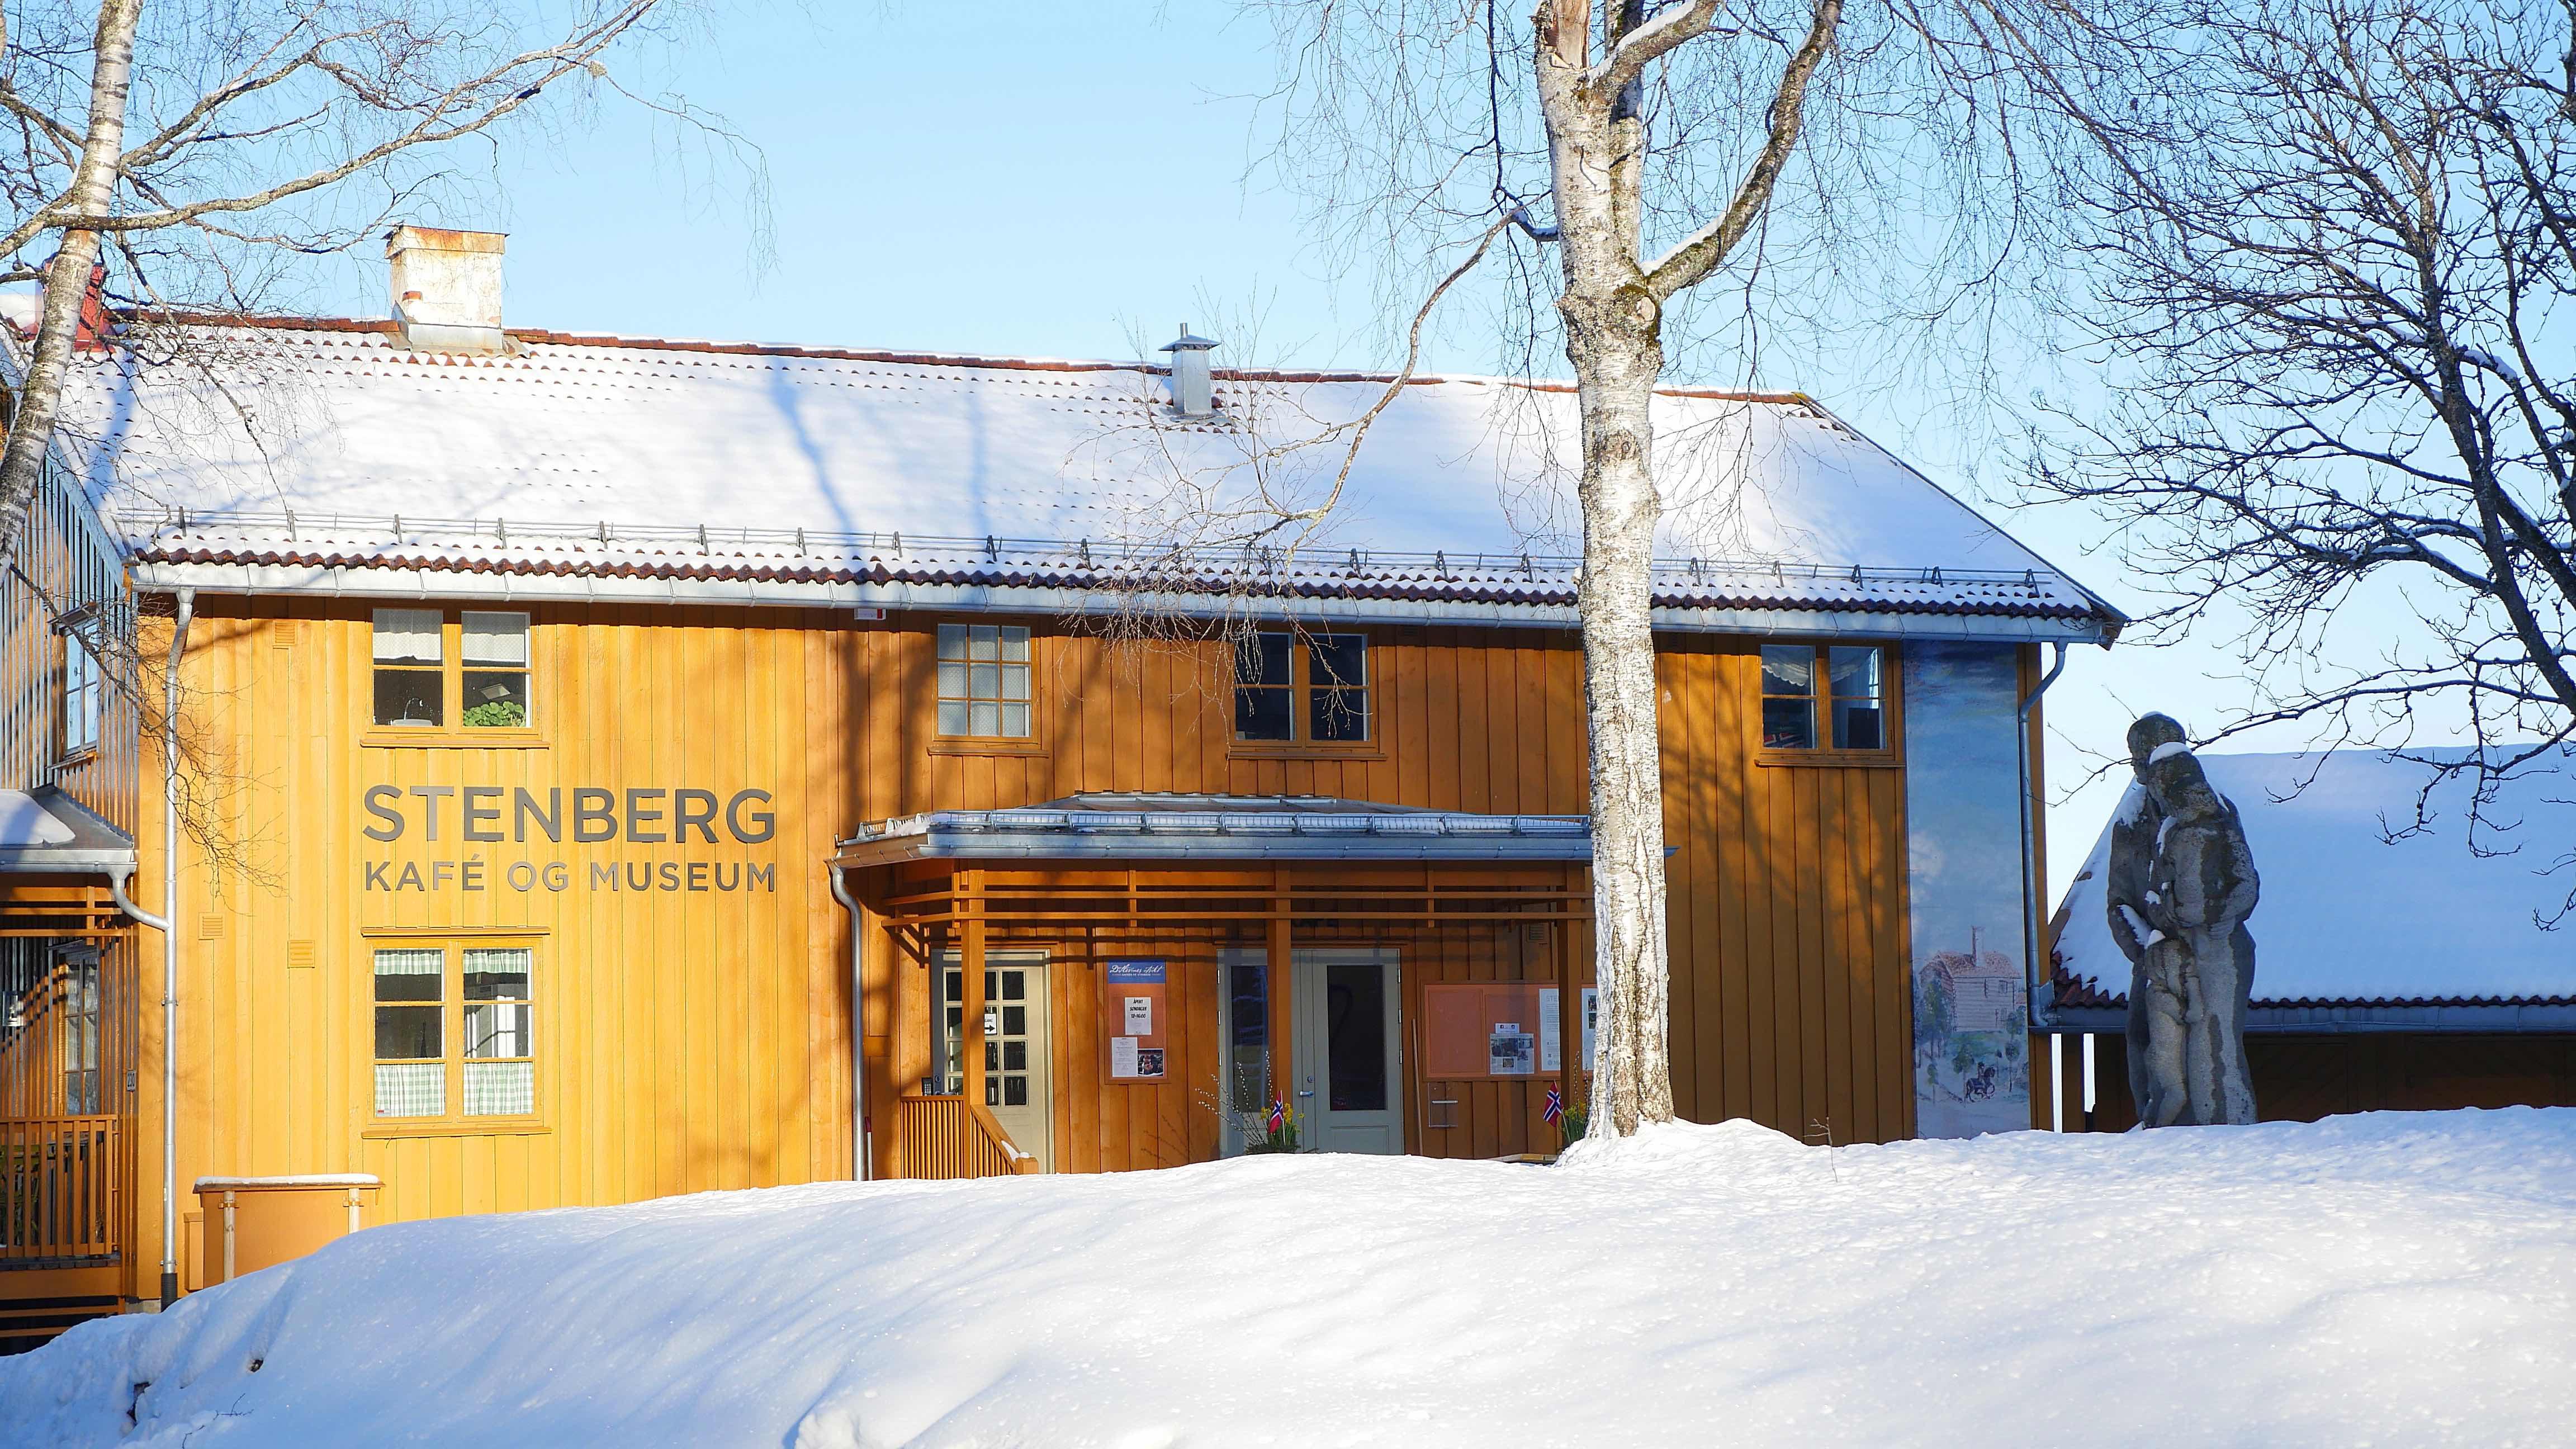 Stenberg_Vegar_Jacobsen_P1170041c